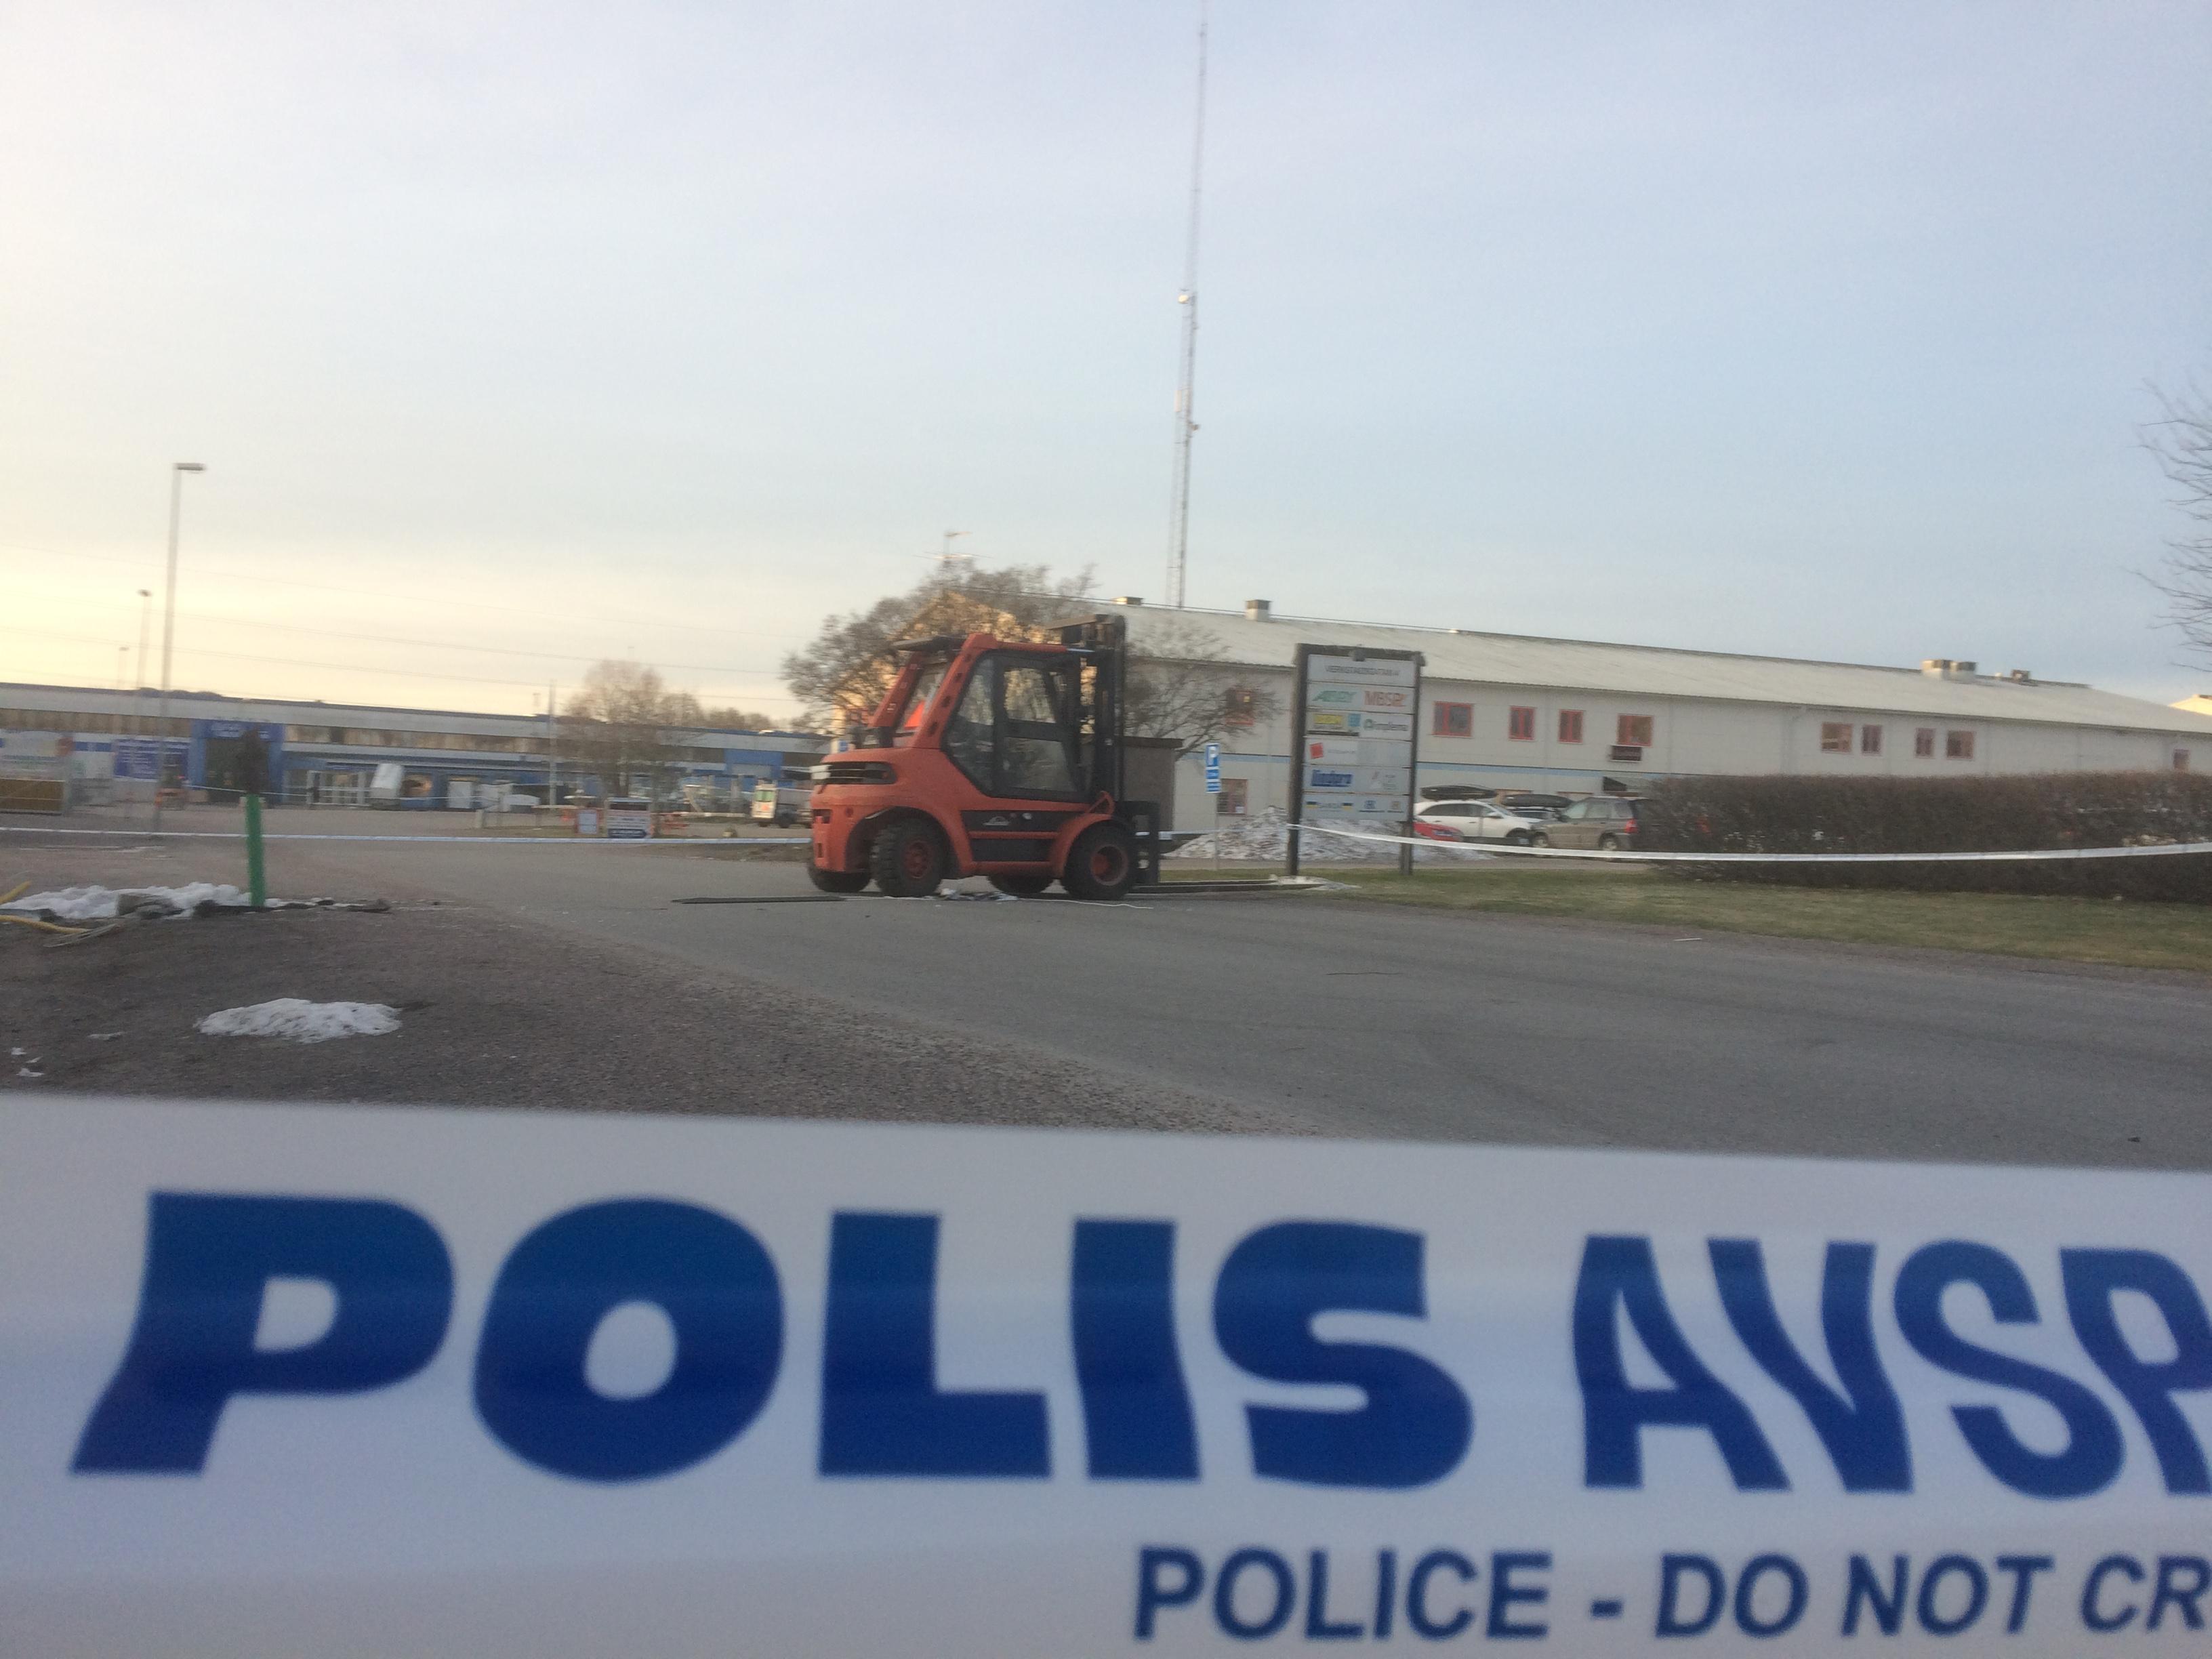 Vaxjorymling togs av polis i orebro